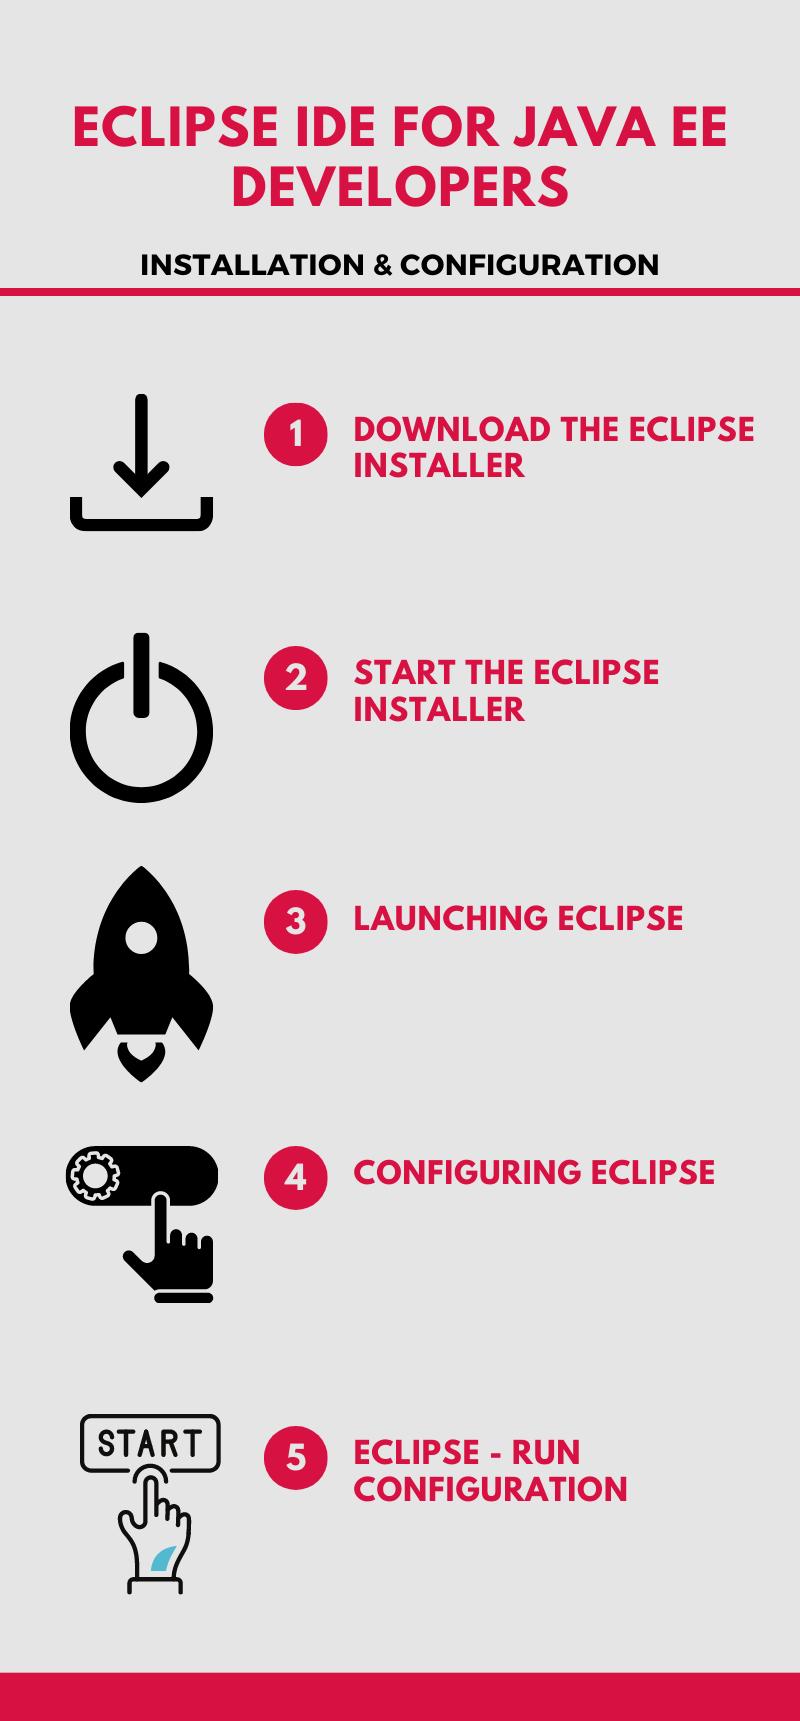 eclipse ide for java ee developer infographic